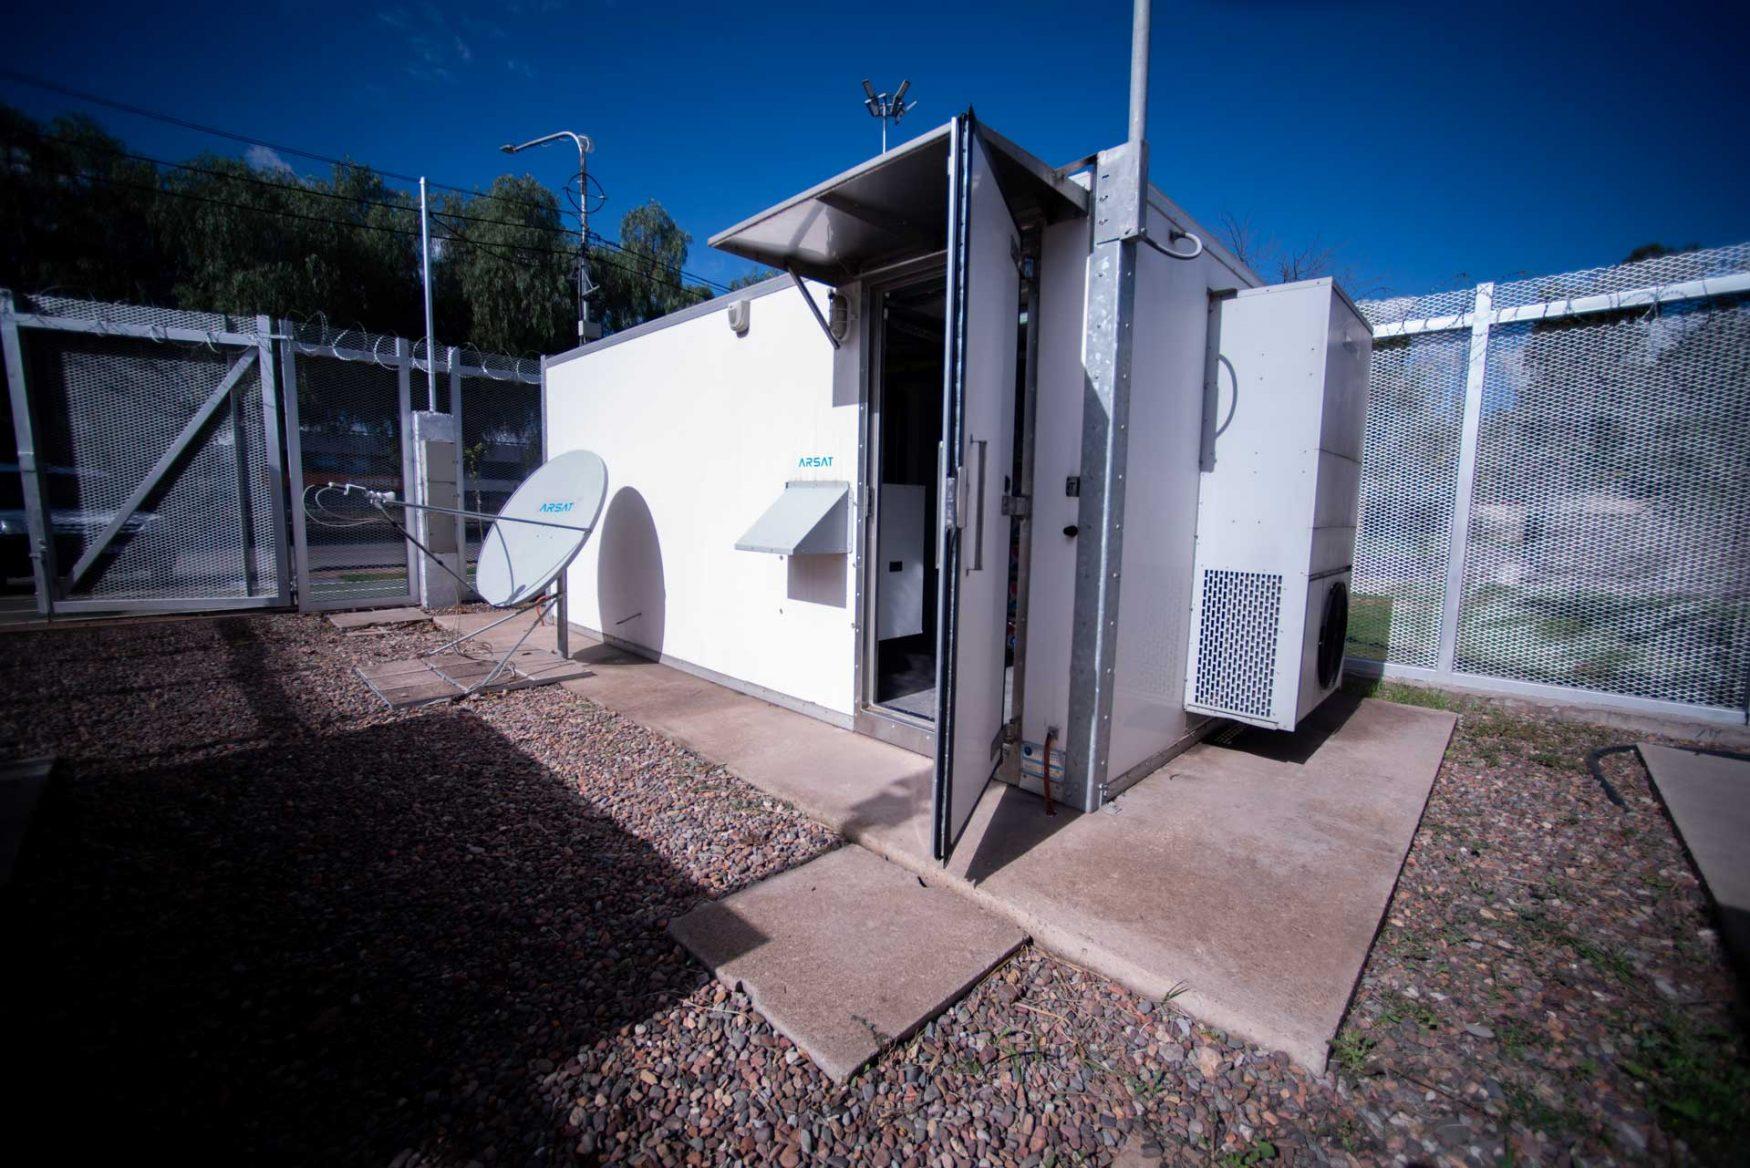 Predio de la Red Federal de Fibra Óptica en Mendoza. Hay un shelter y antena de internet.